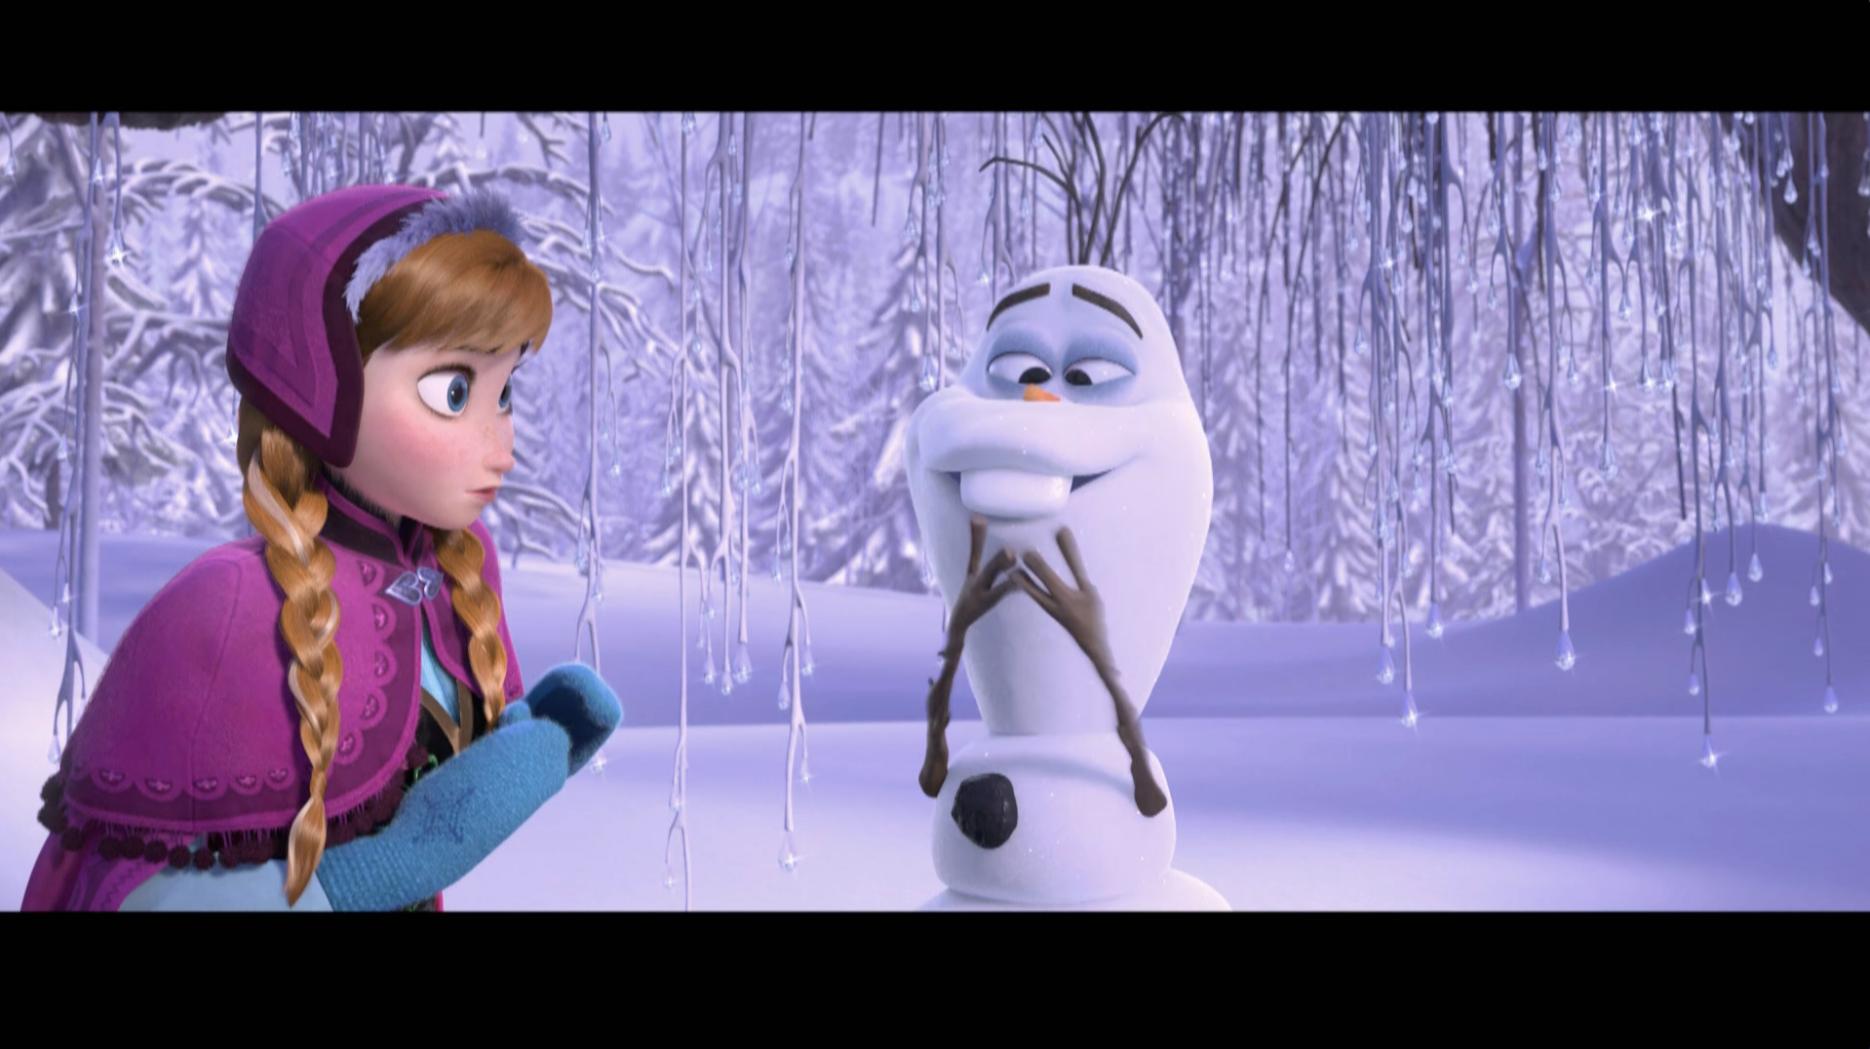 Cómo elegir el accesorio correcto – Olaf de risa